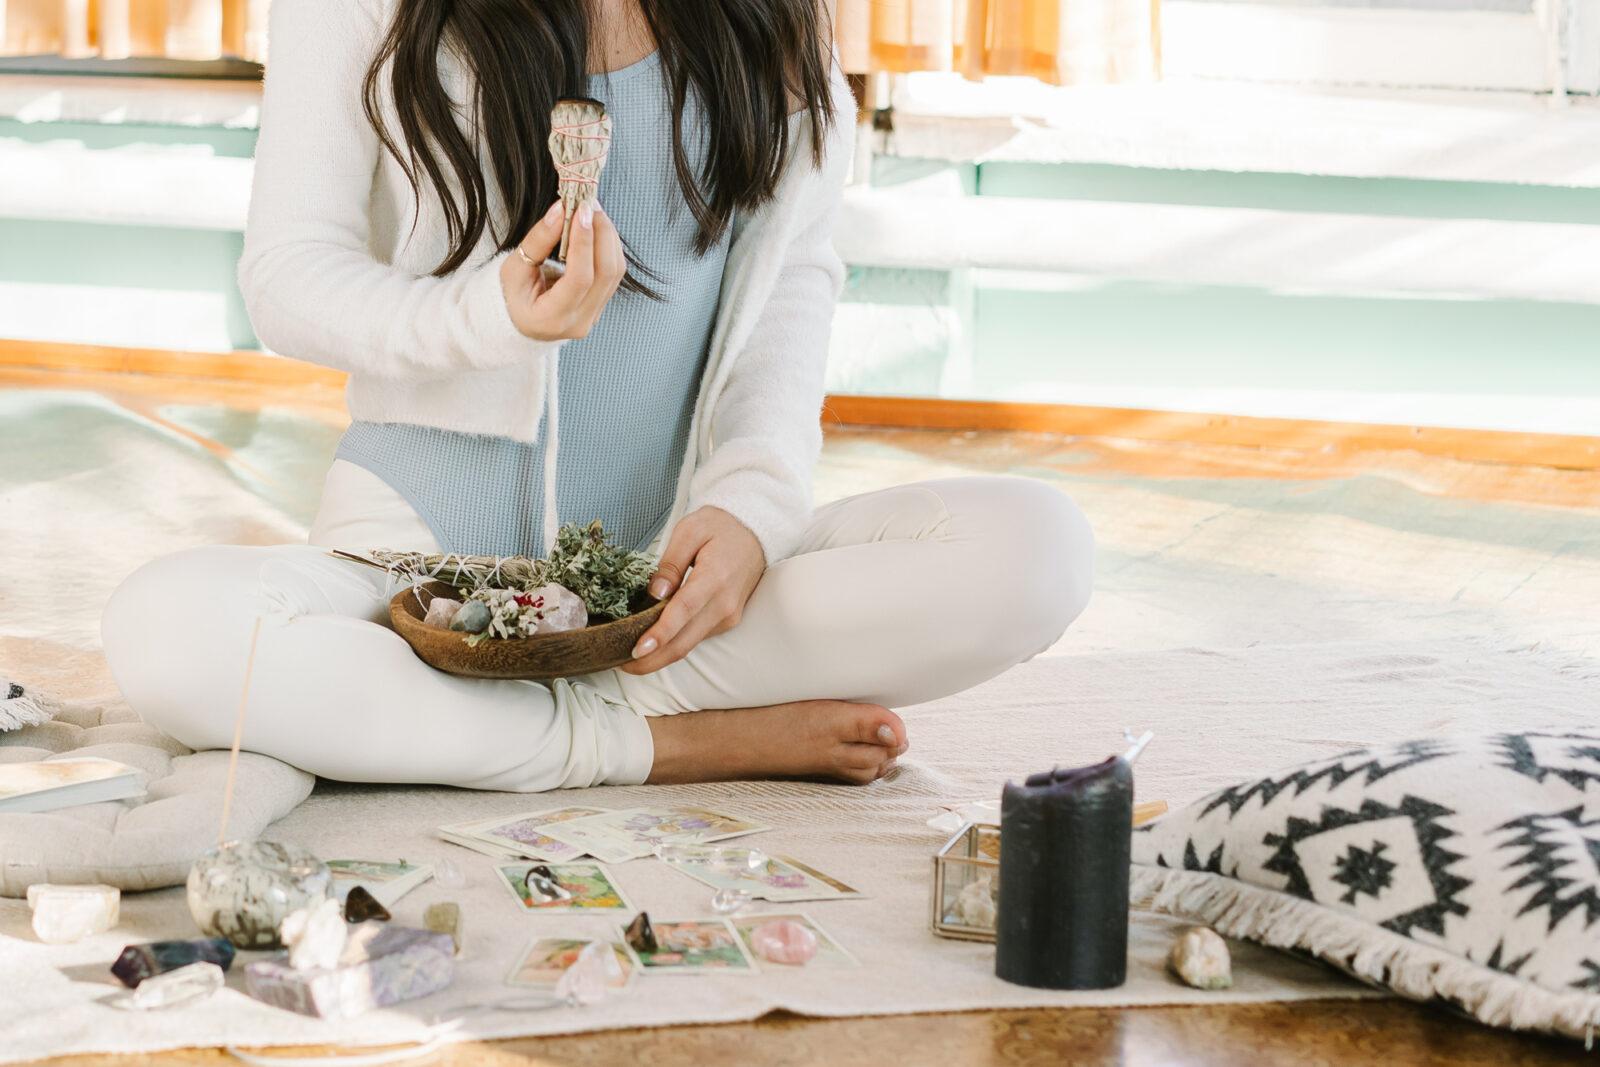 meditate, chakra, spa, relaxation